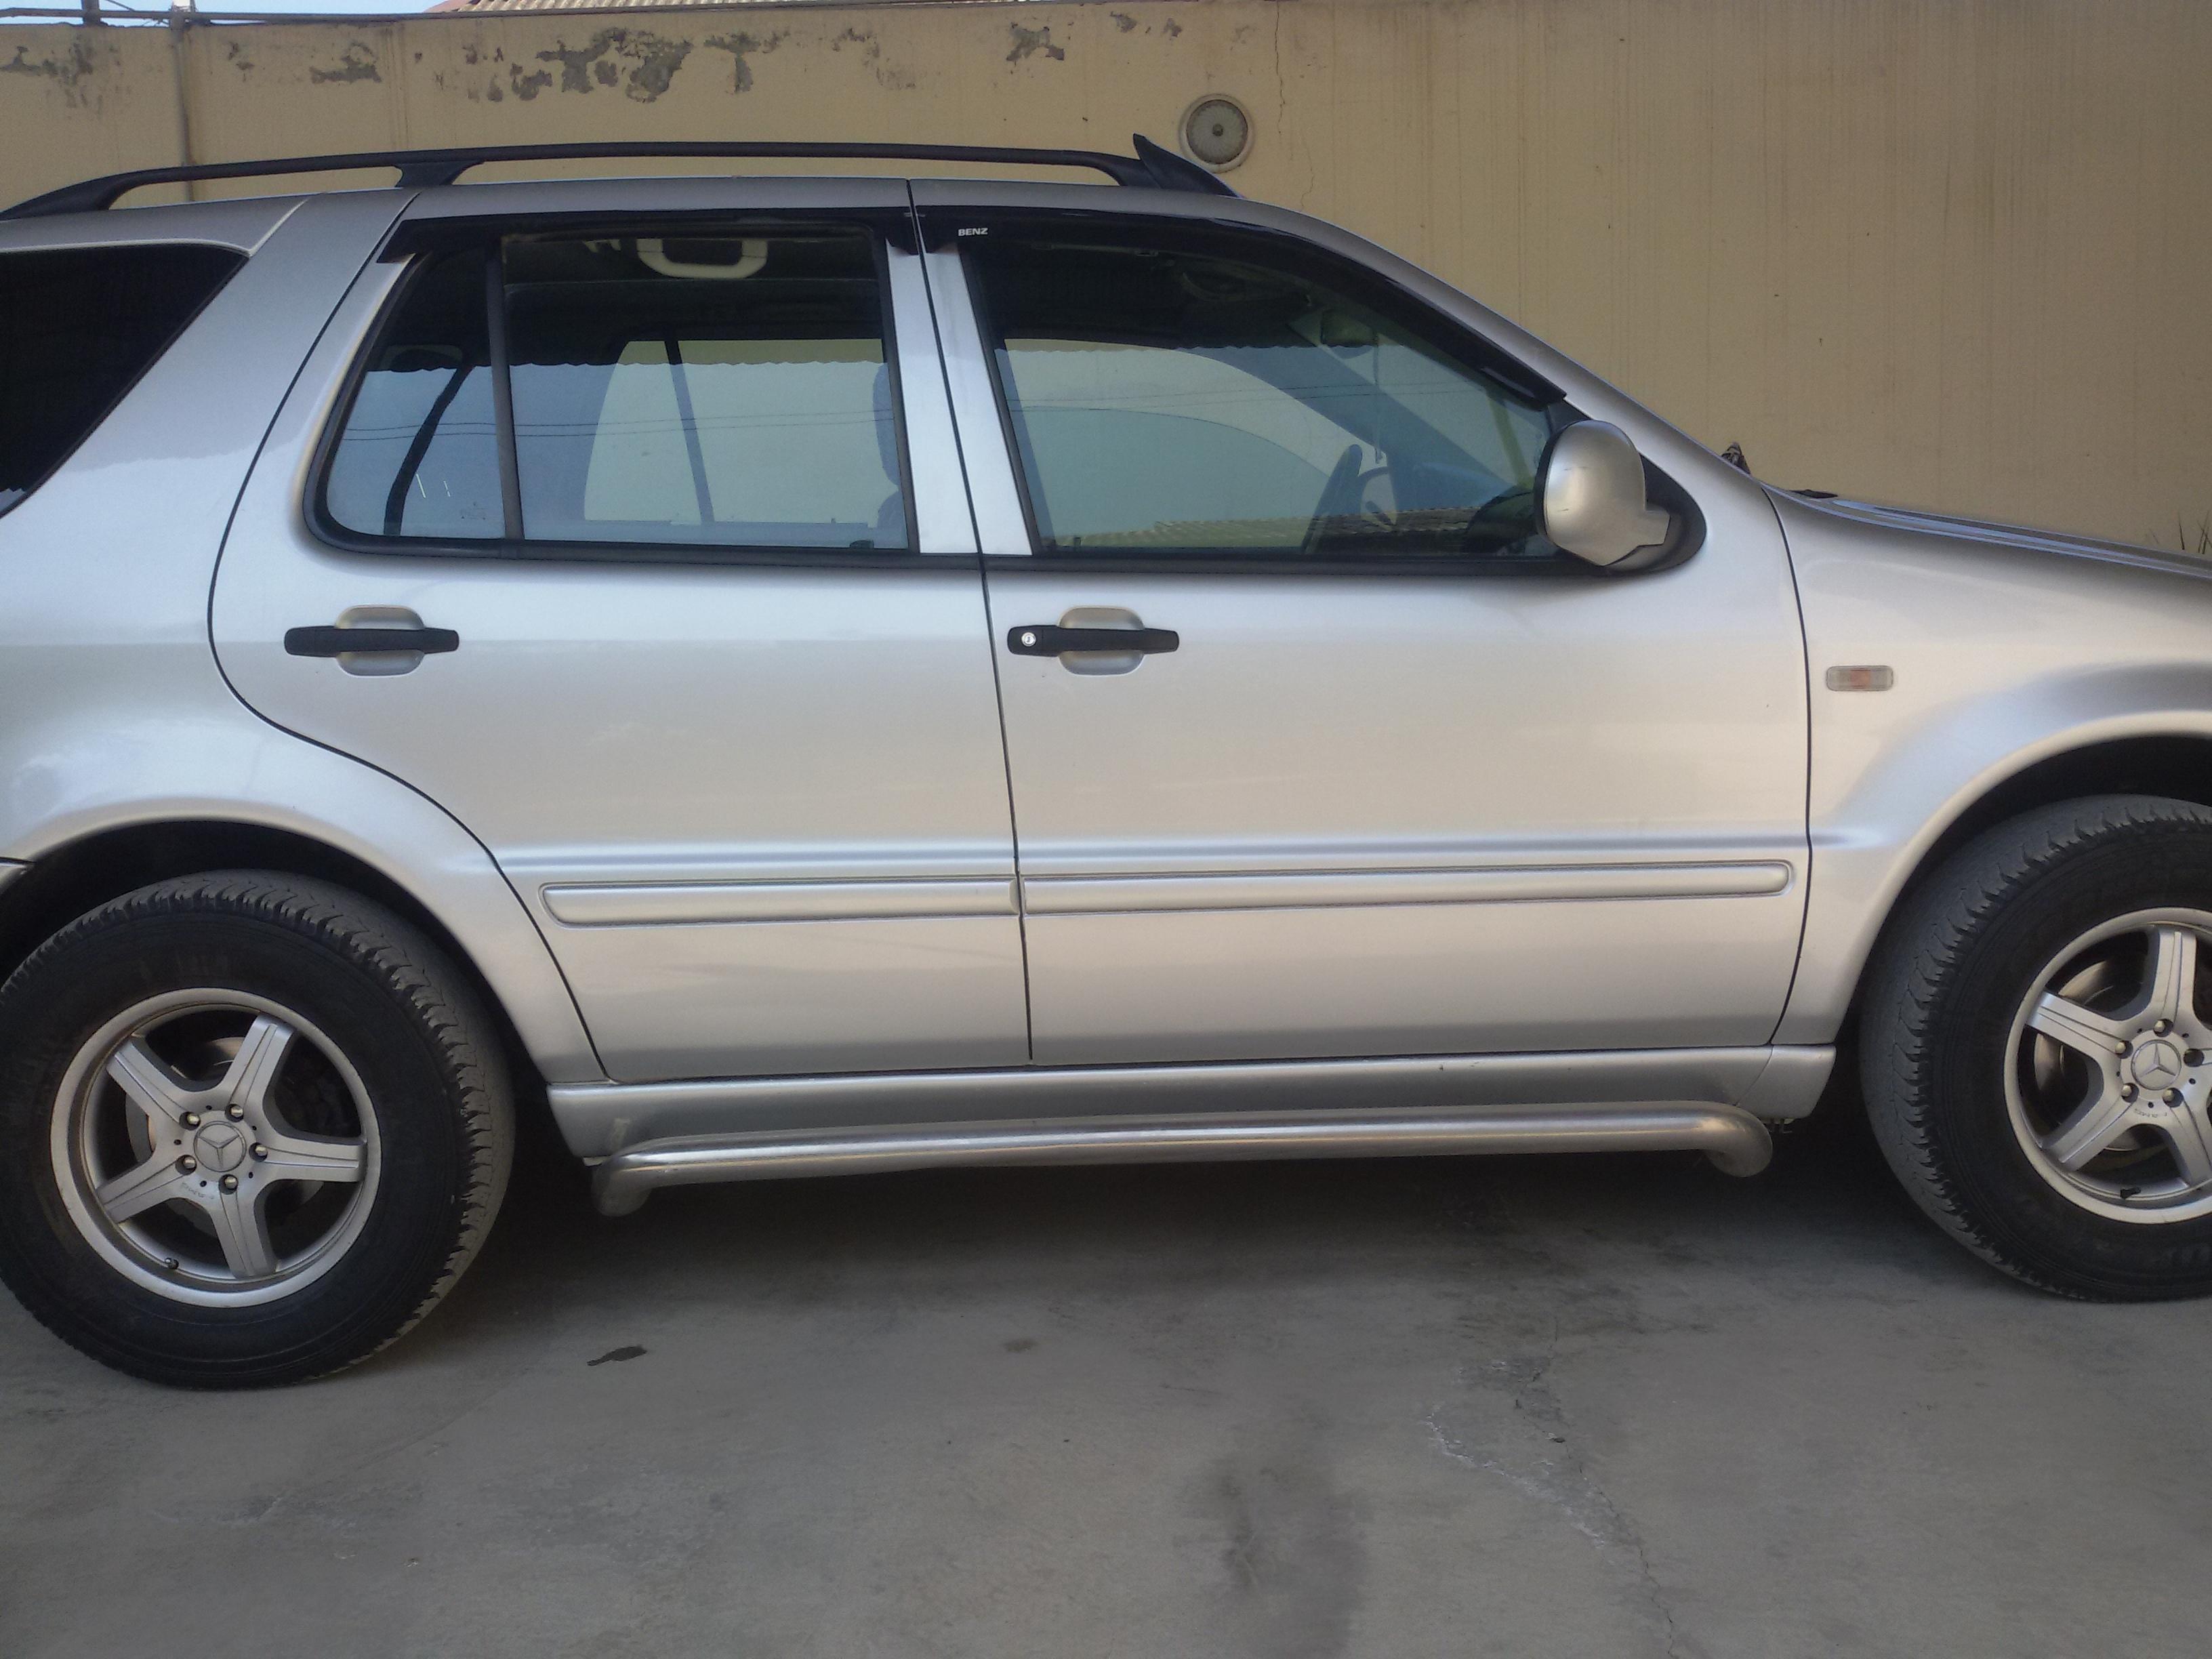 Mercedes-Benz ML 320 3.2(lt) 2000 İkinci əl  $6000